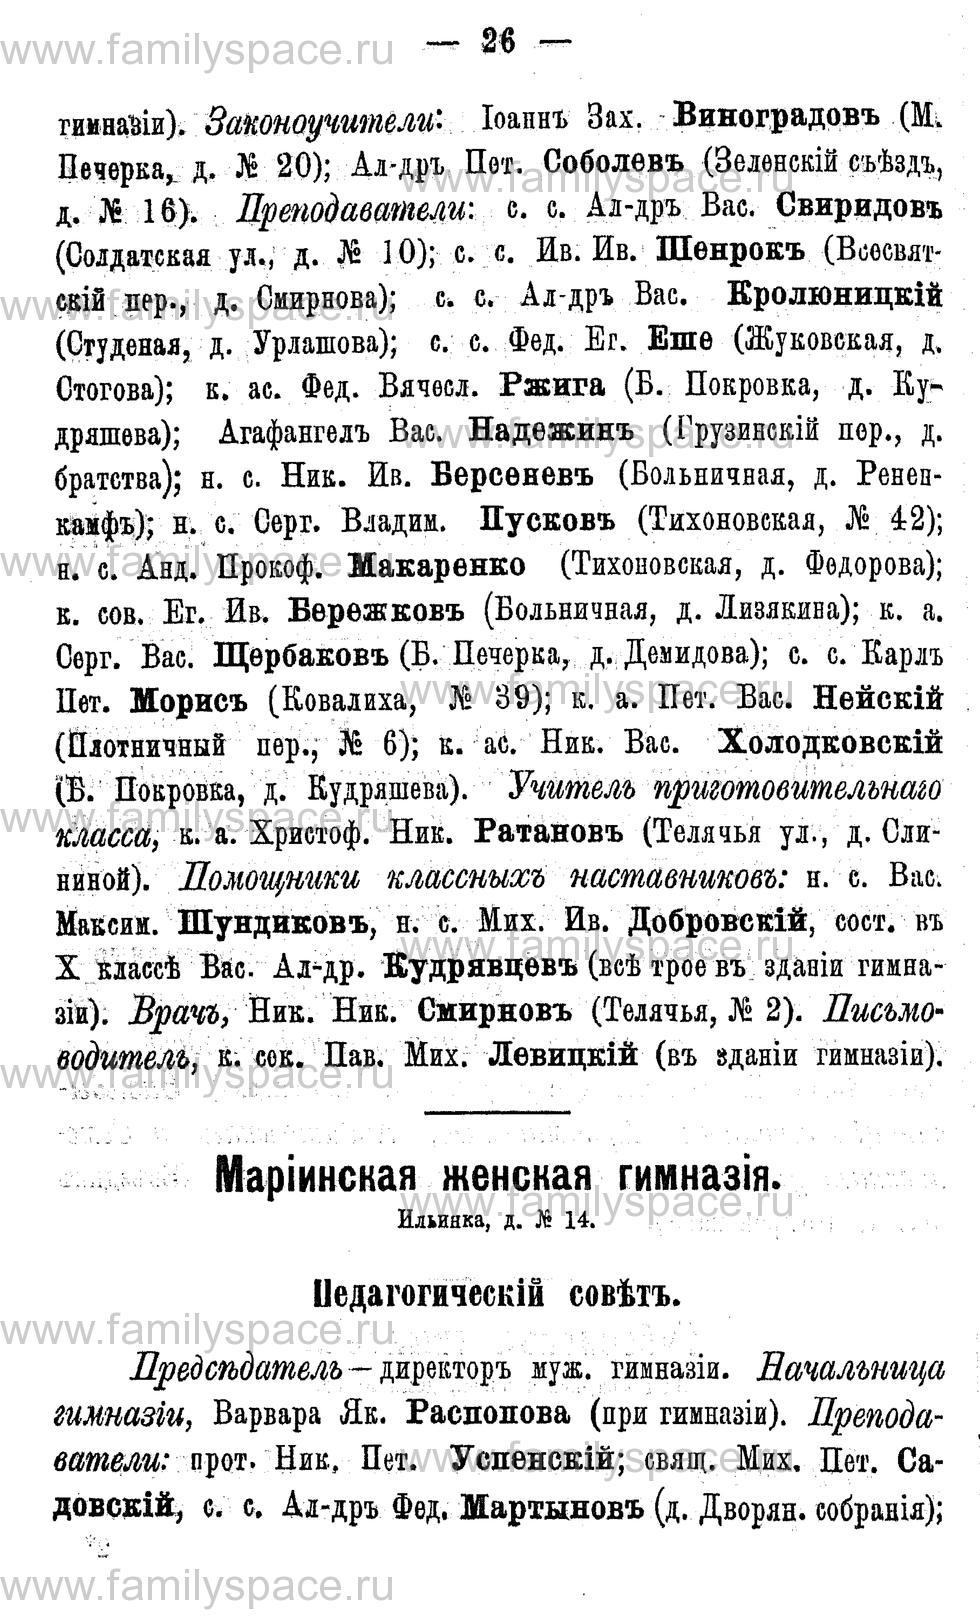 Поиск по фамилии - Адрес-календарь Нижегородской губернии на 1891 год, страница 26